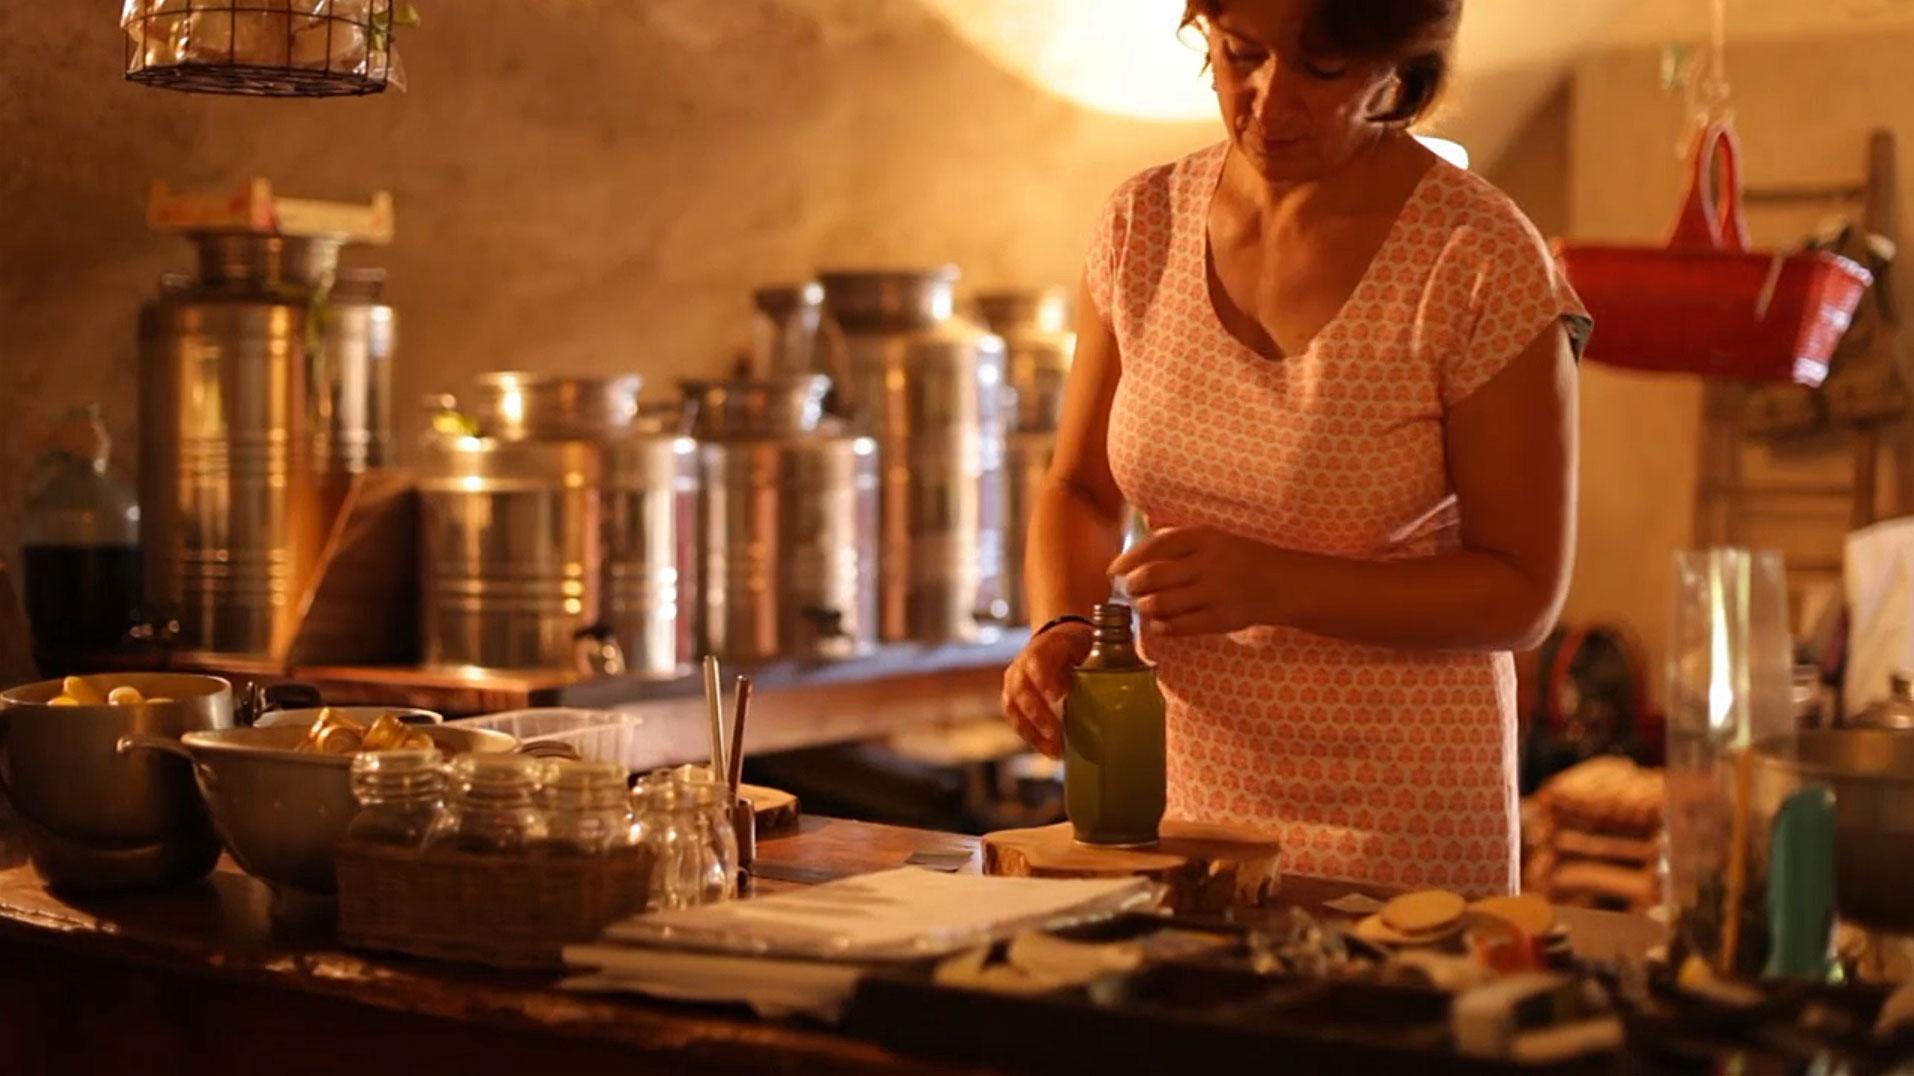 75a produziert den Imagefilm für Casa del Tempo Ritrovato